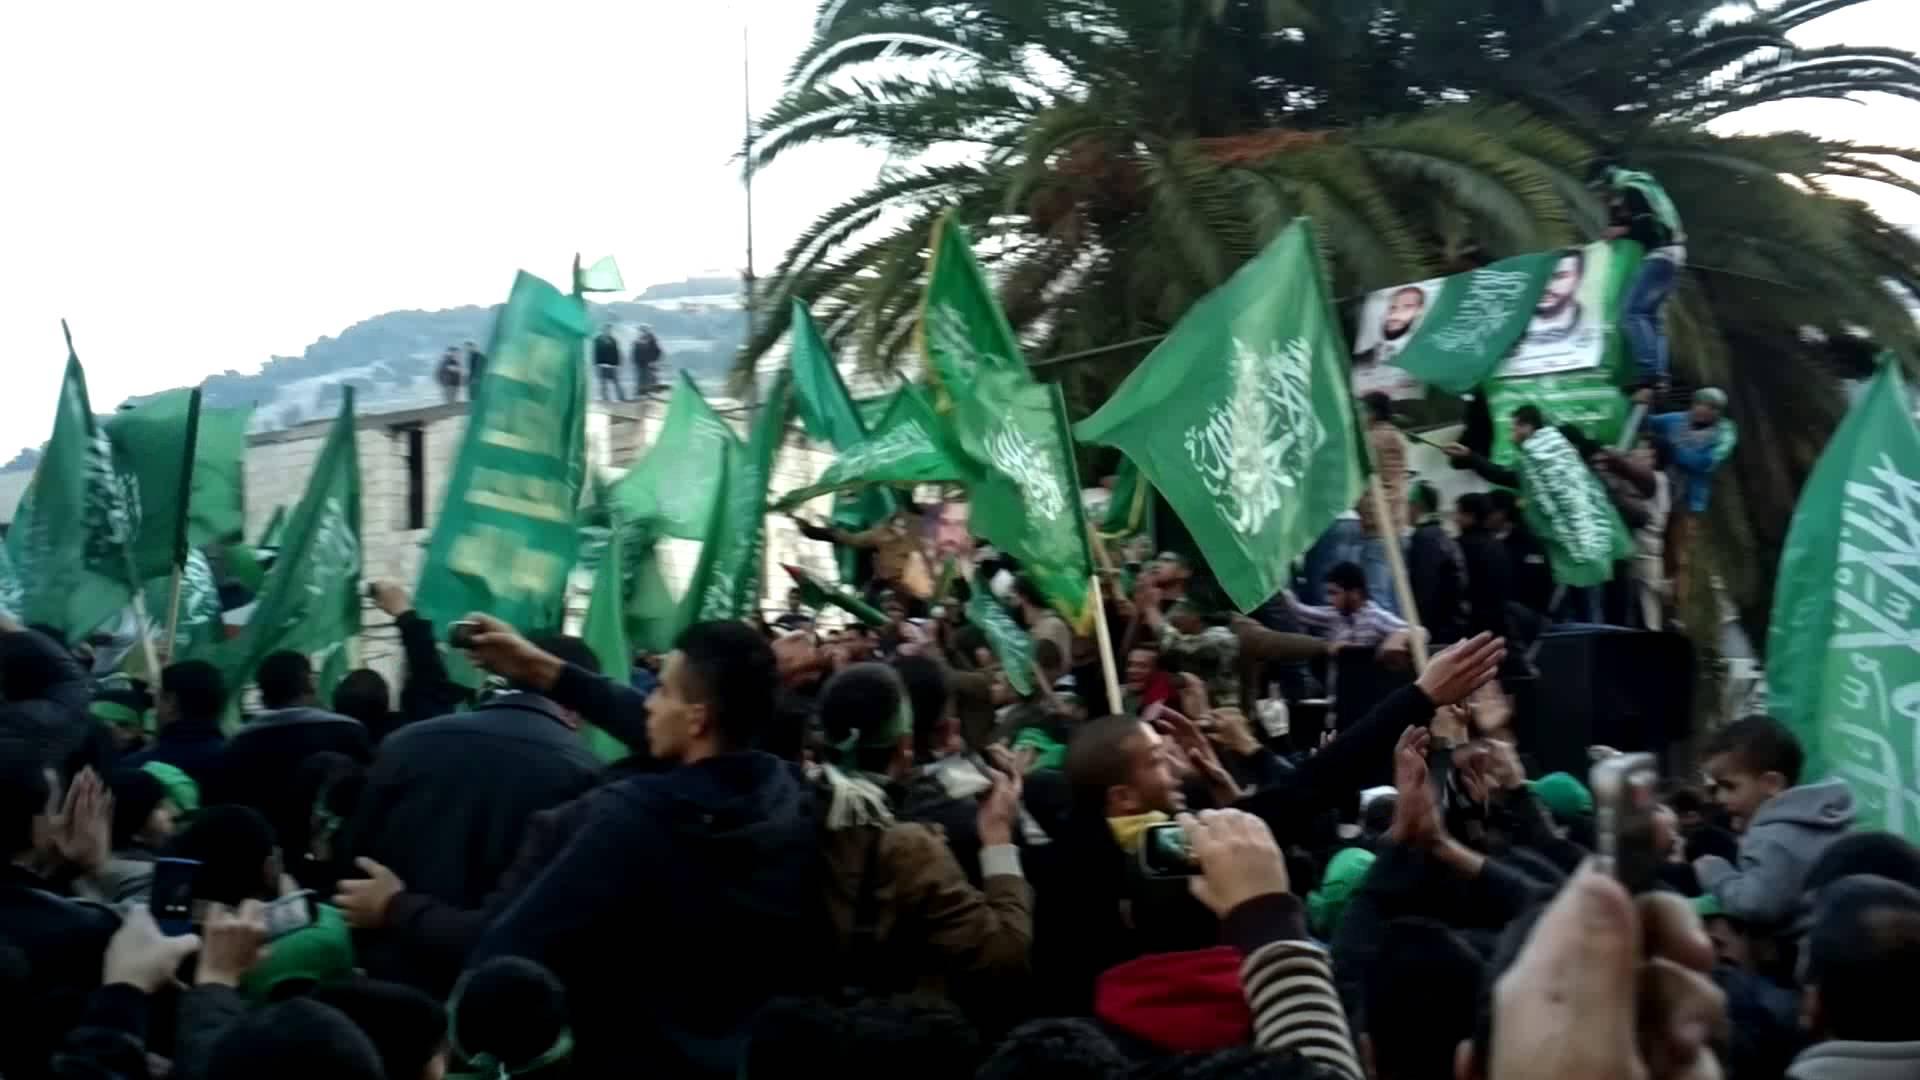 حماس تتهم السلطة الفلسطينية وإسرائيل بمنع سفر مرضى غزة للعلاج